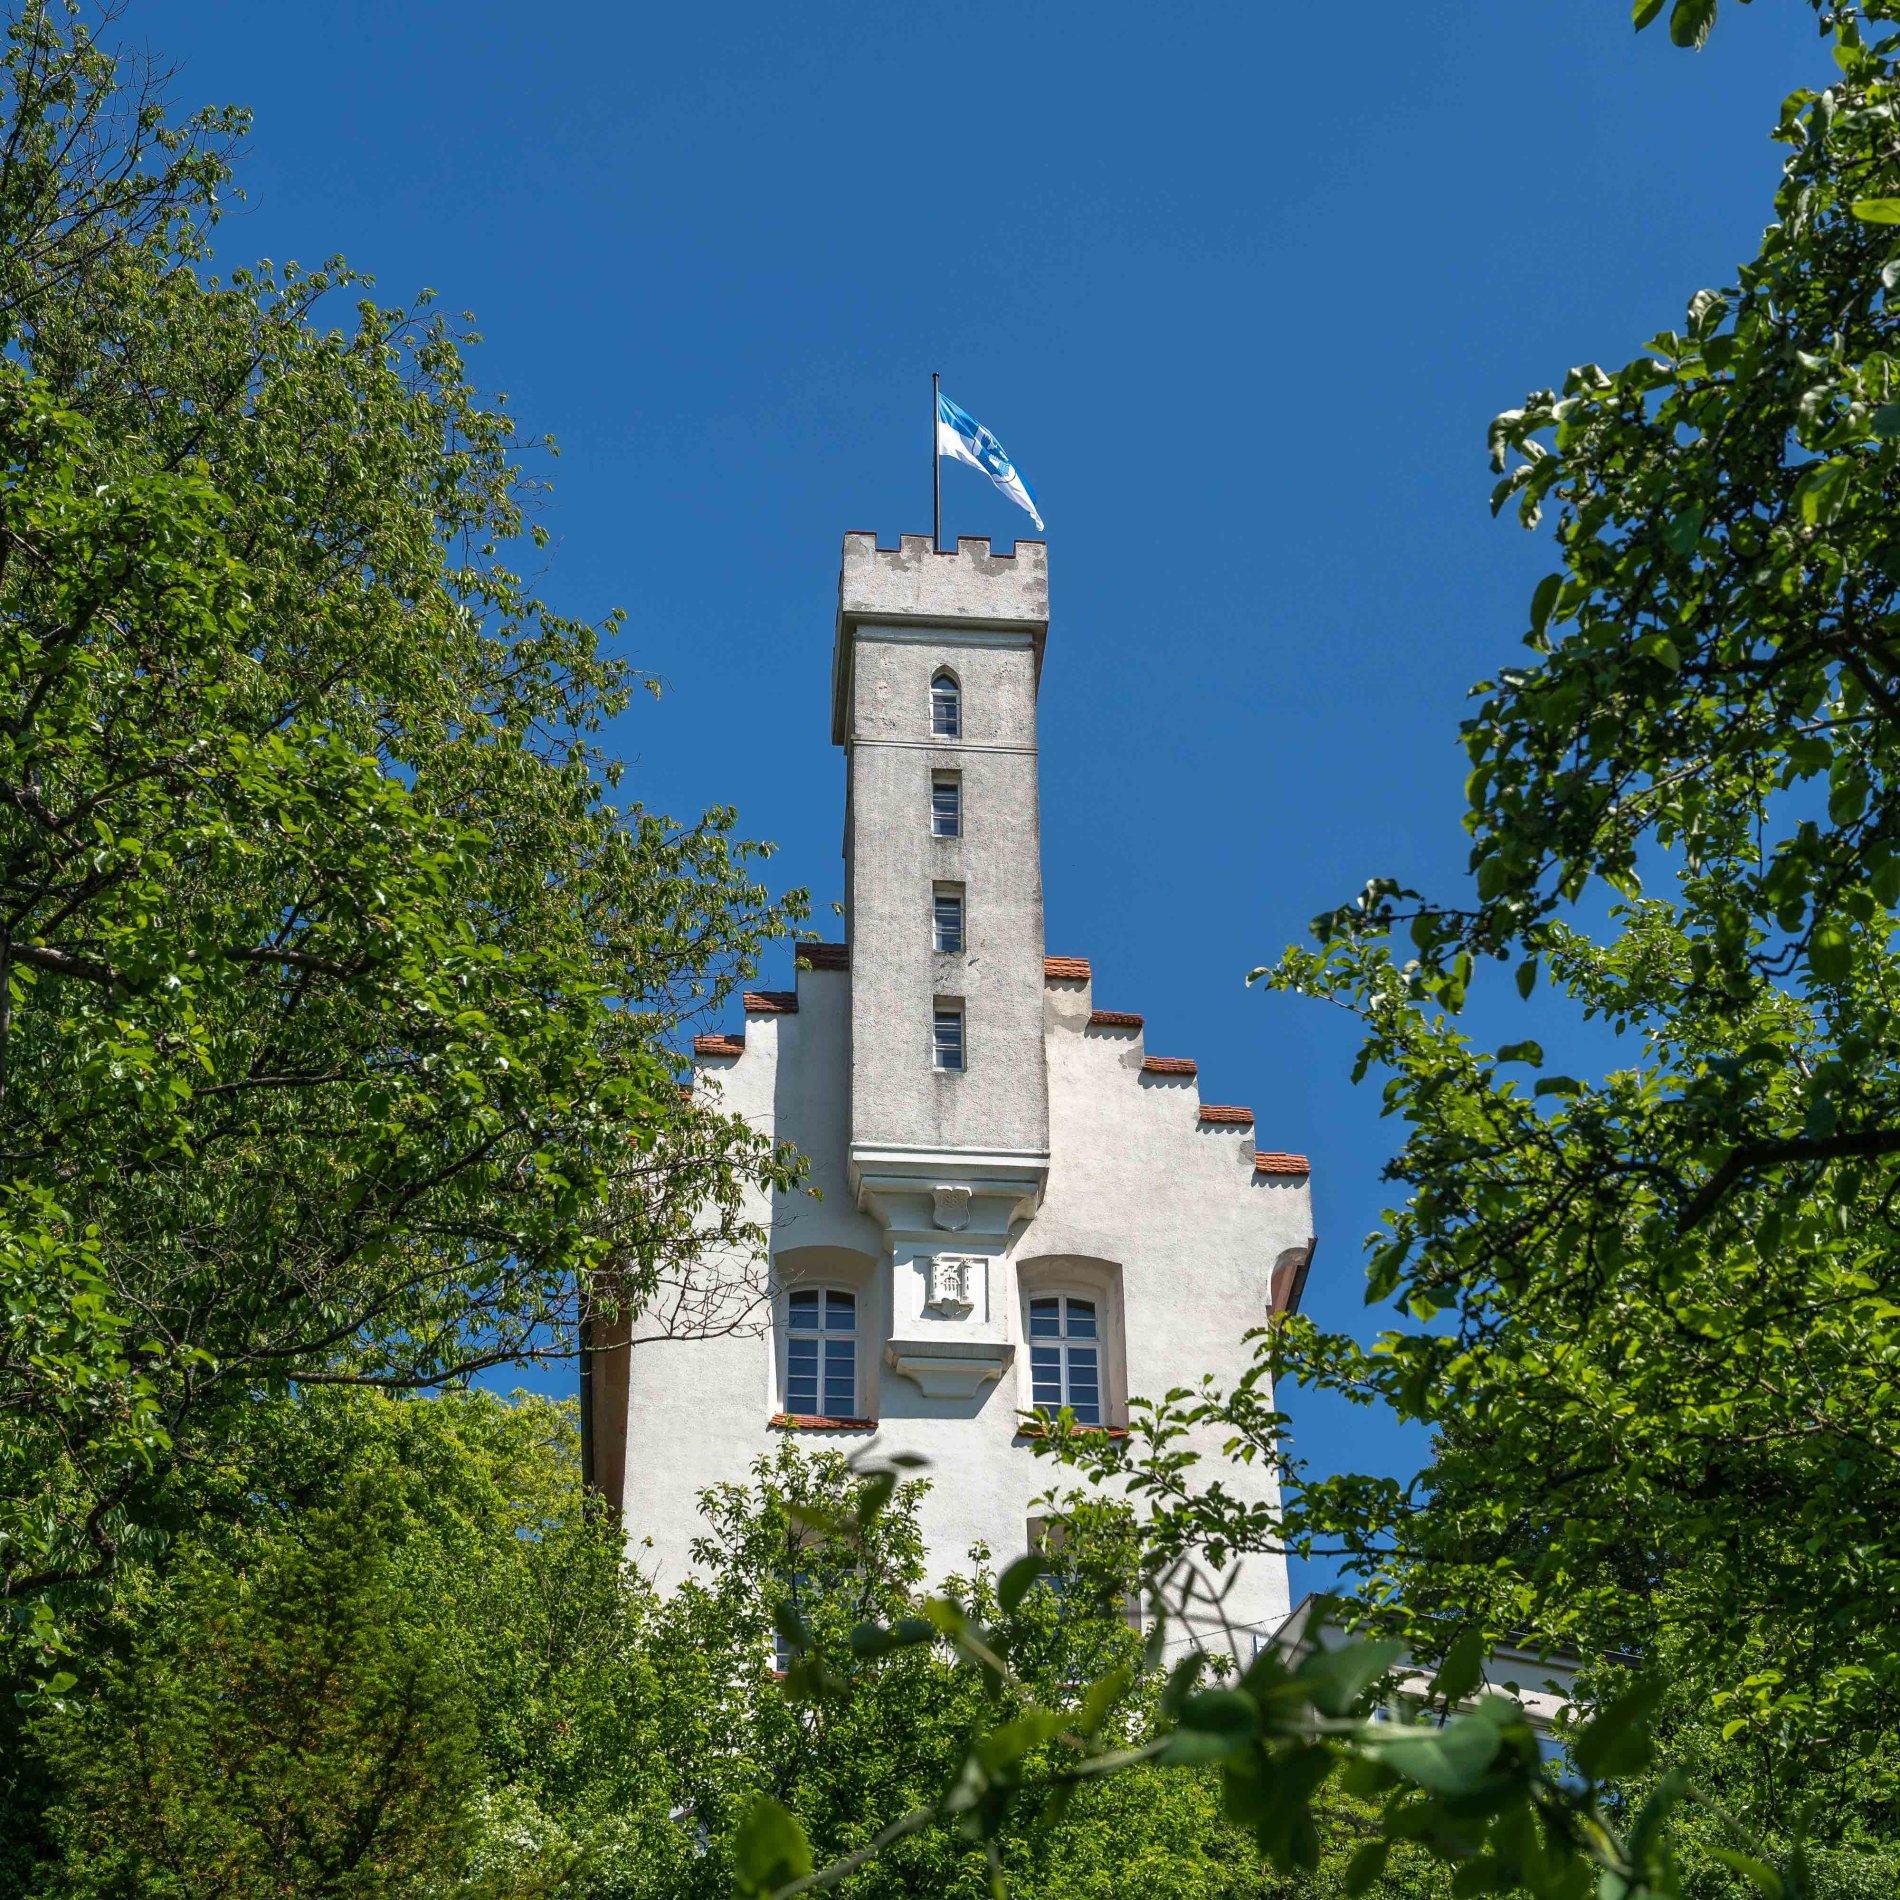 Die Veitsburg von vorn. Gut ersichtlich ist der Turm der Burg mit der Ravensburger Flagge.